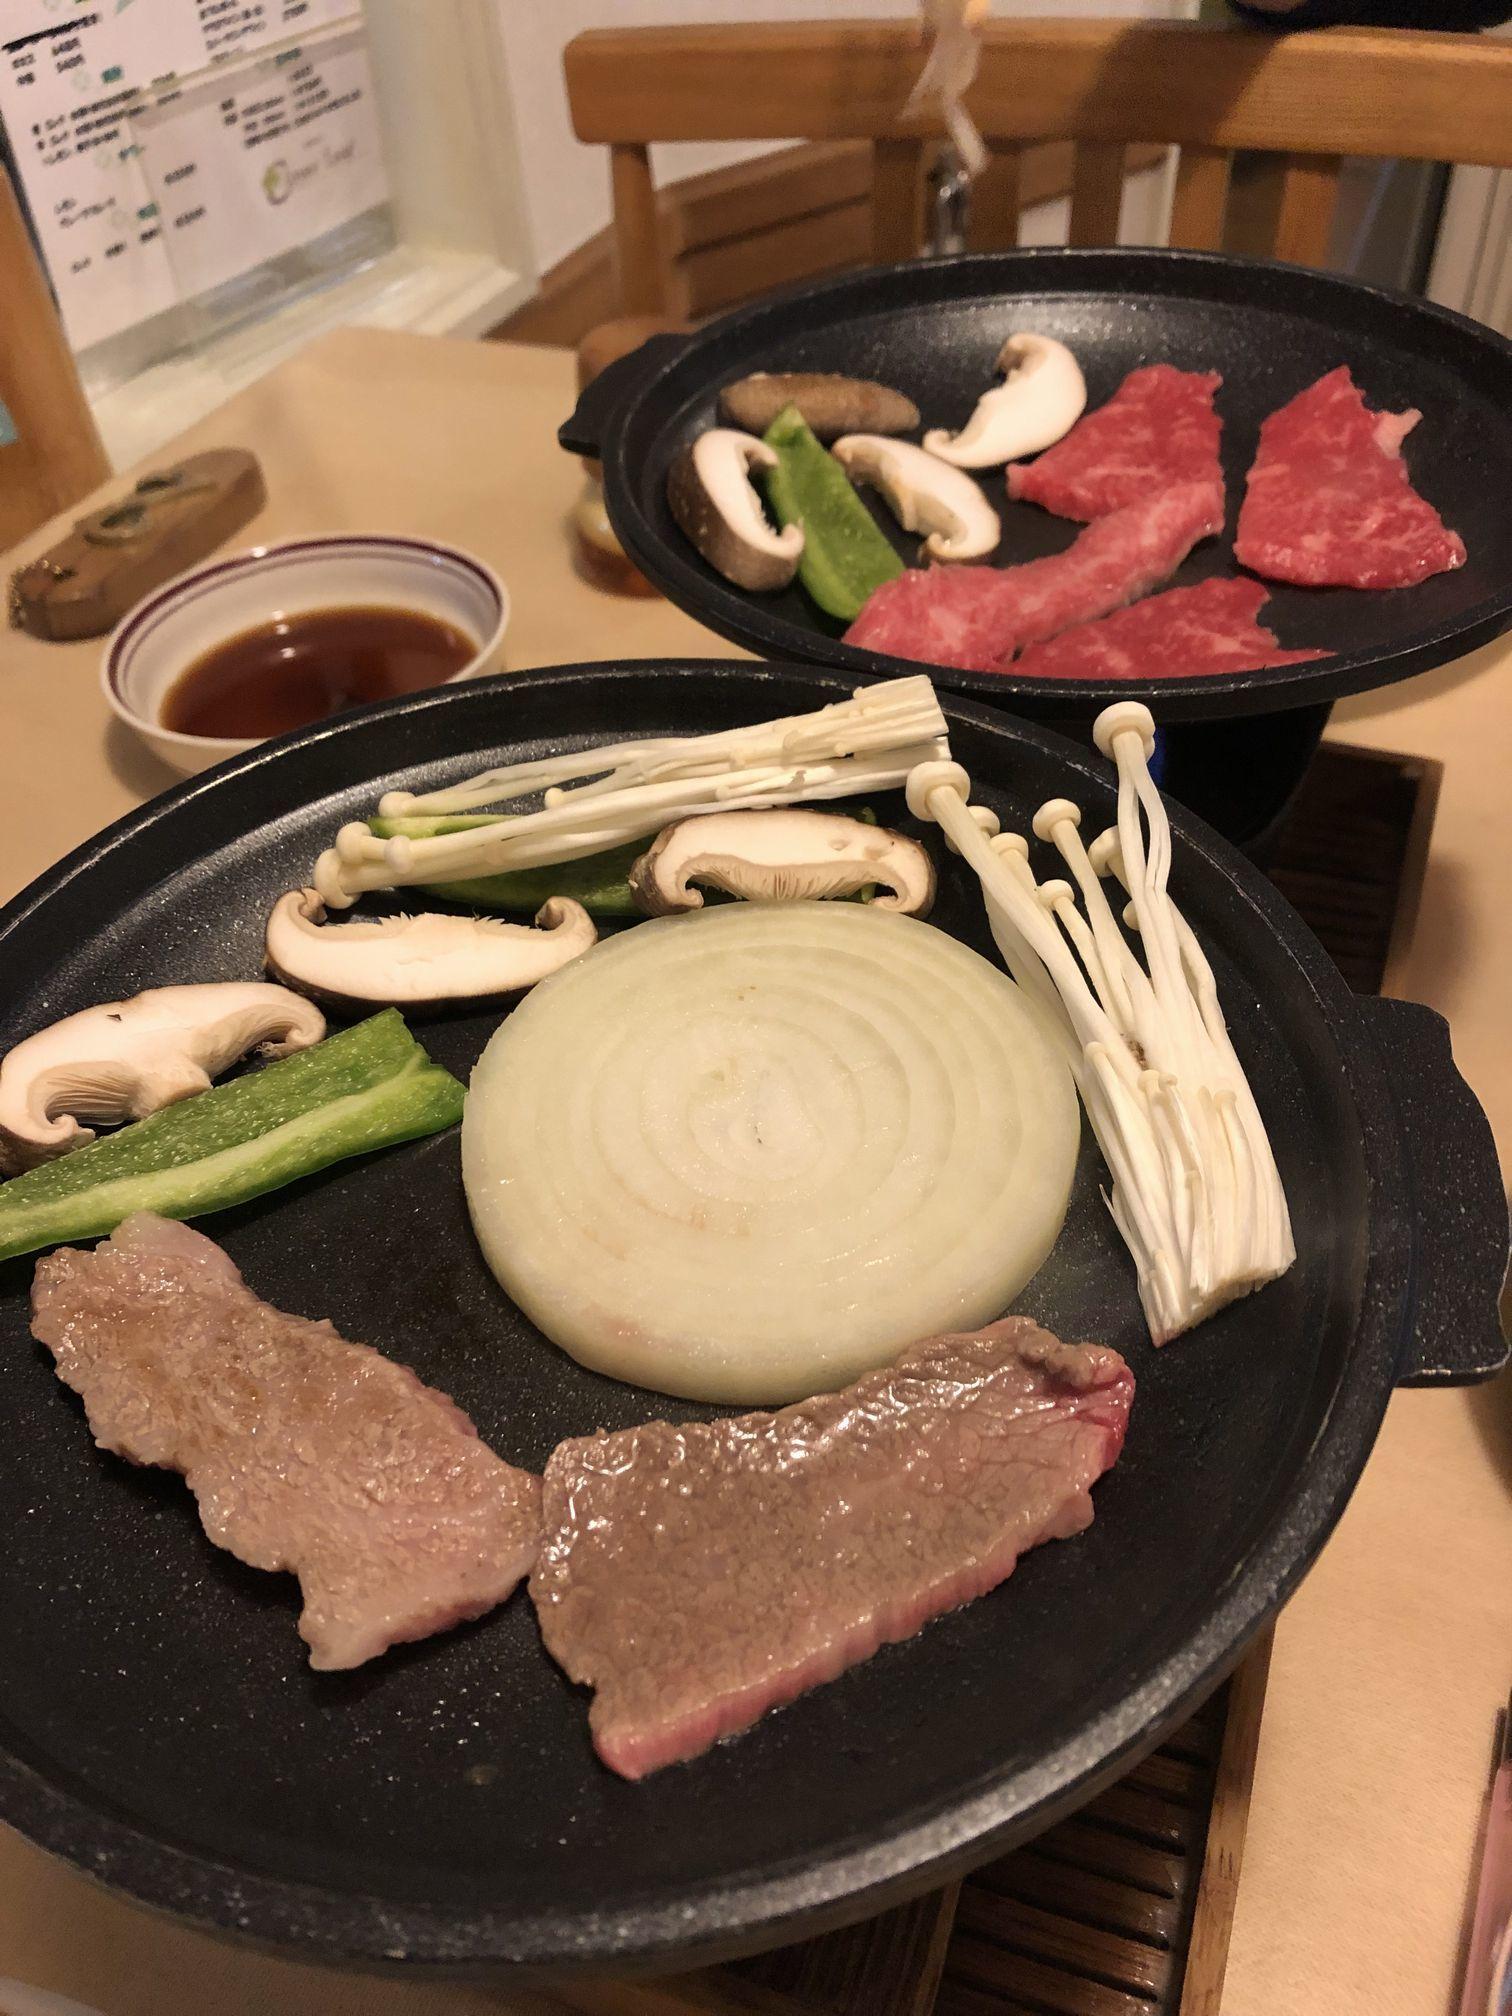 んまいもんシリーズ 2019年 群馬~岐阜~石川県旅行編_f0128542_02033253.jpg